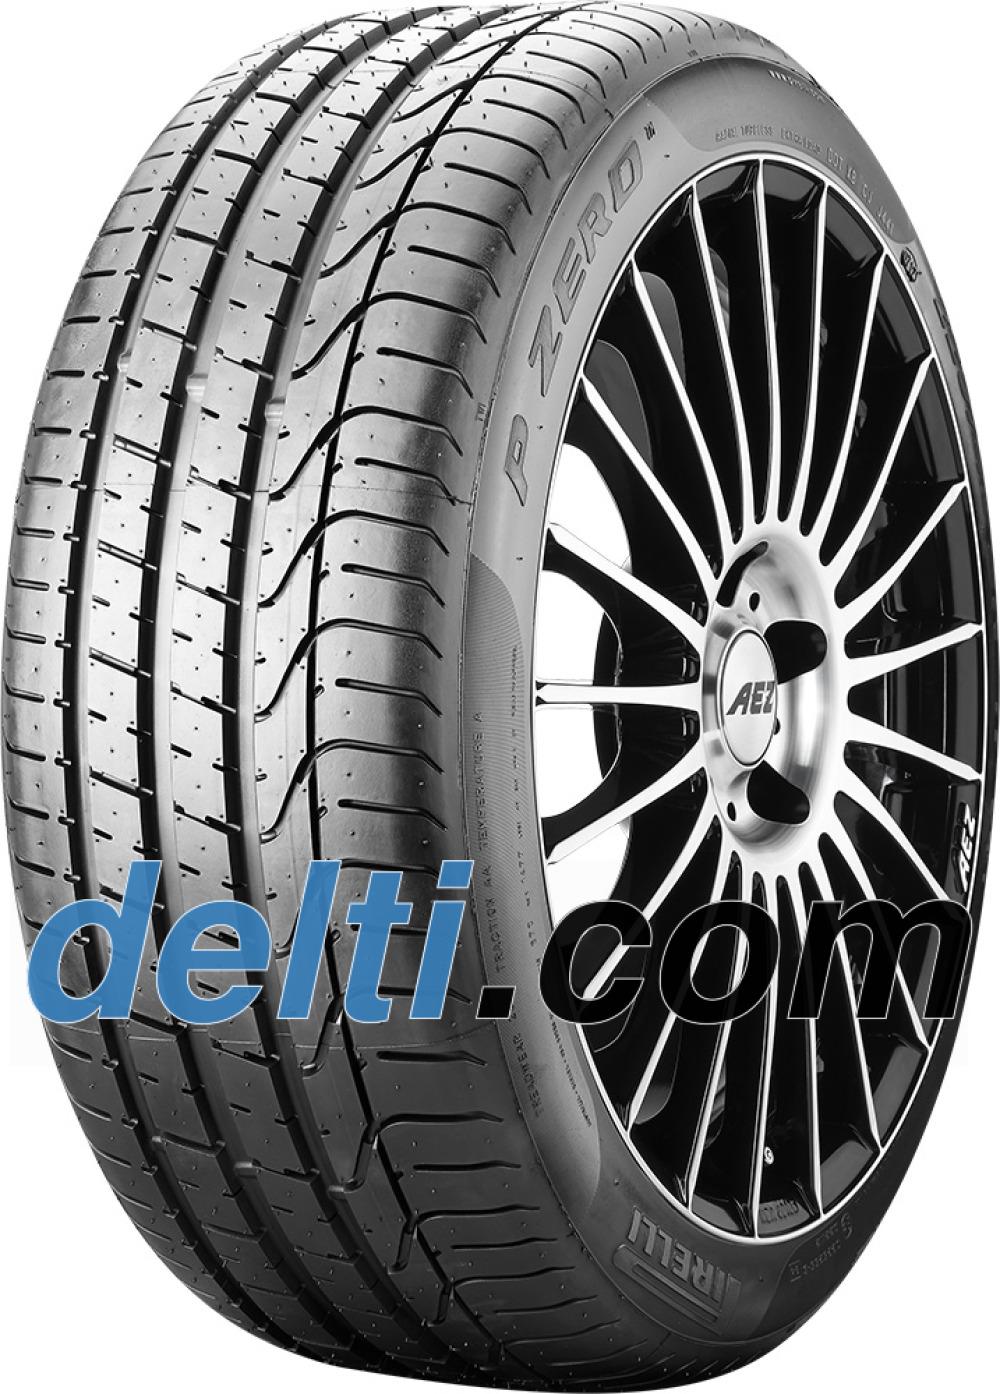 Pirelli P Zero ( 255/40 ZR20 (101Y) XL B1 )